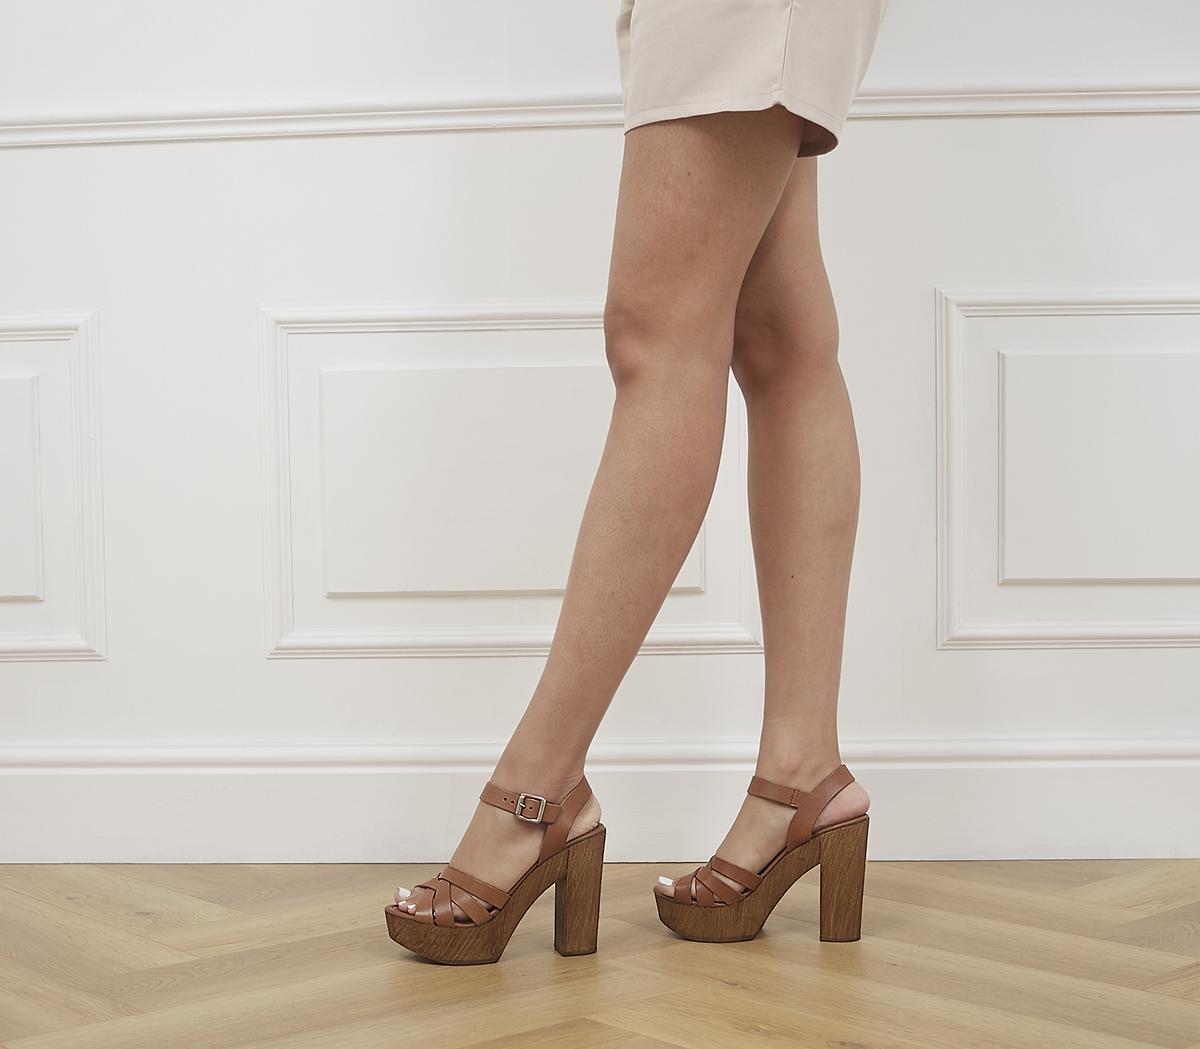 Hesse Wood Block Heel Sandals